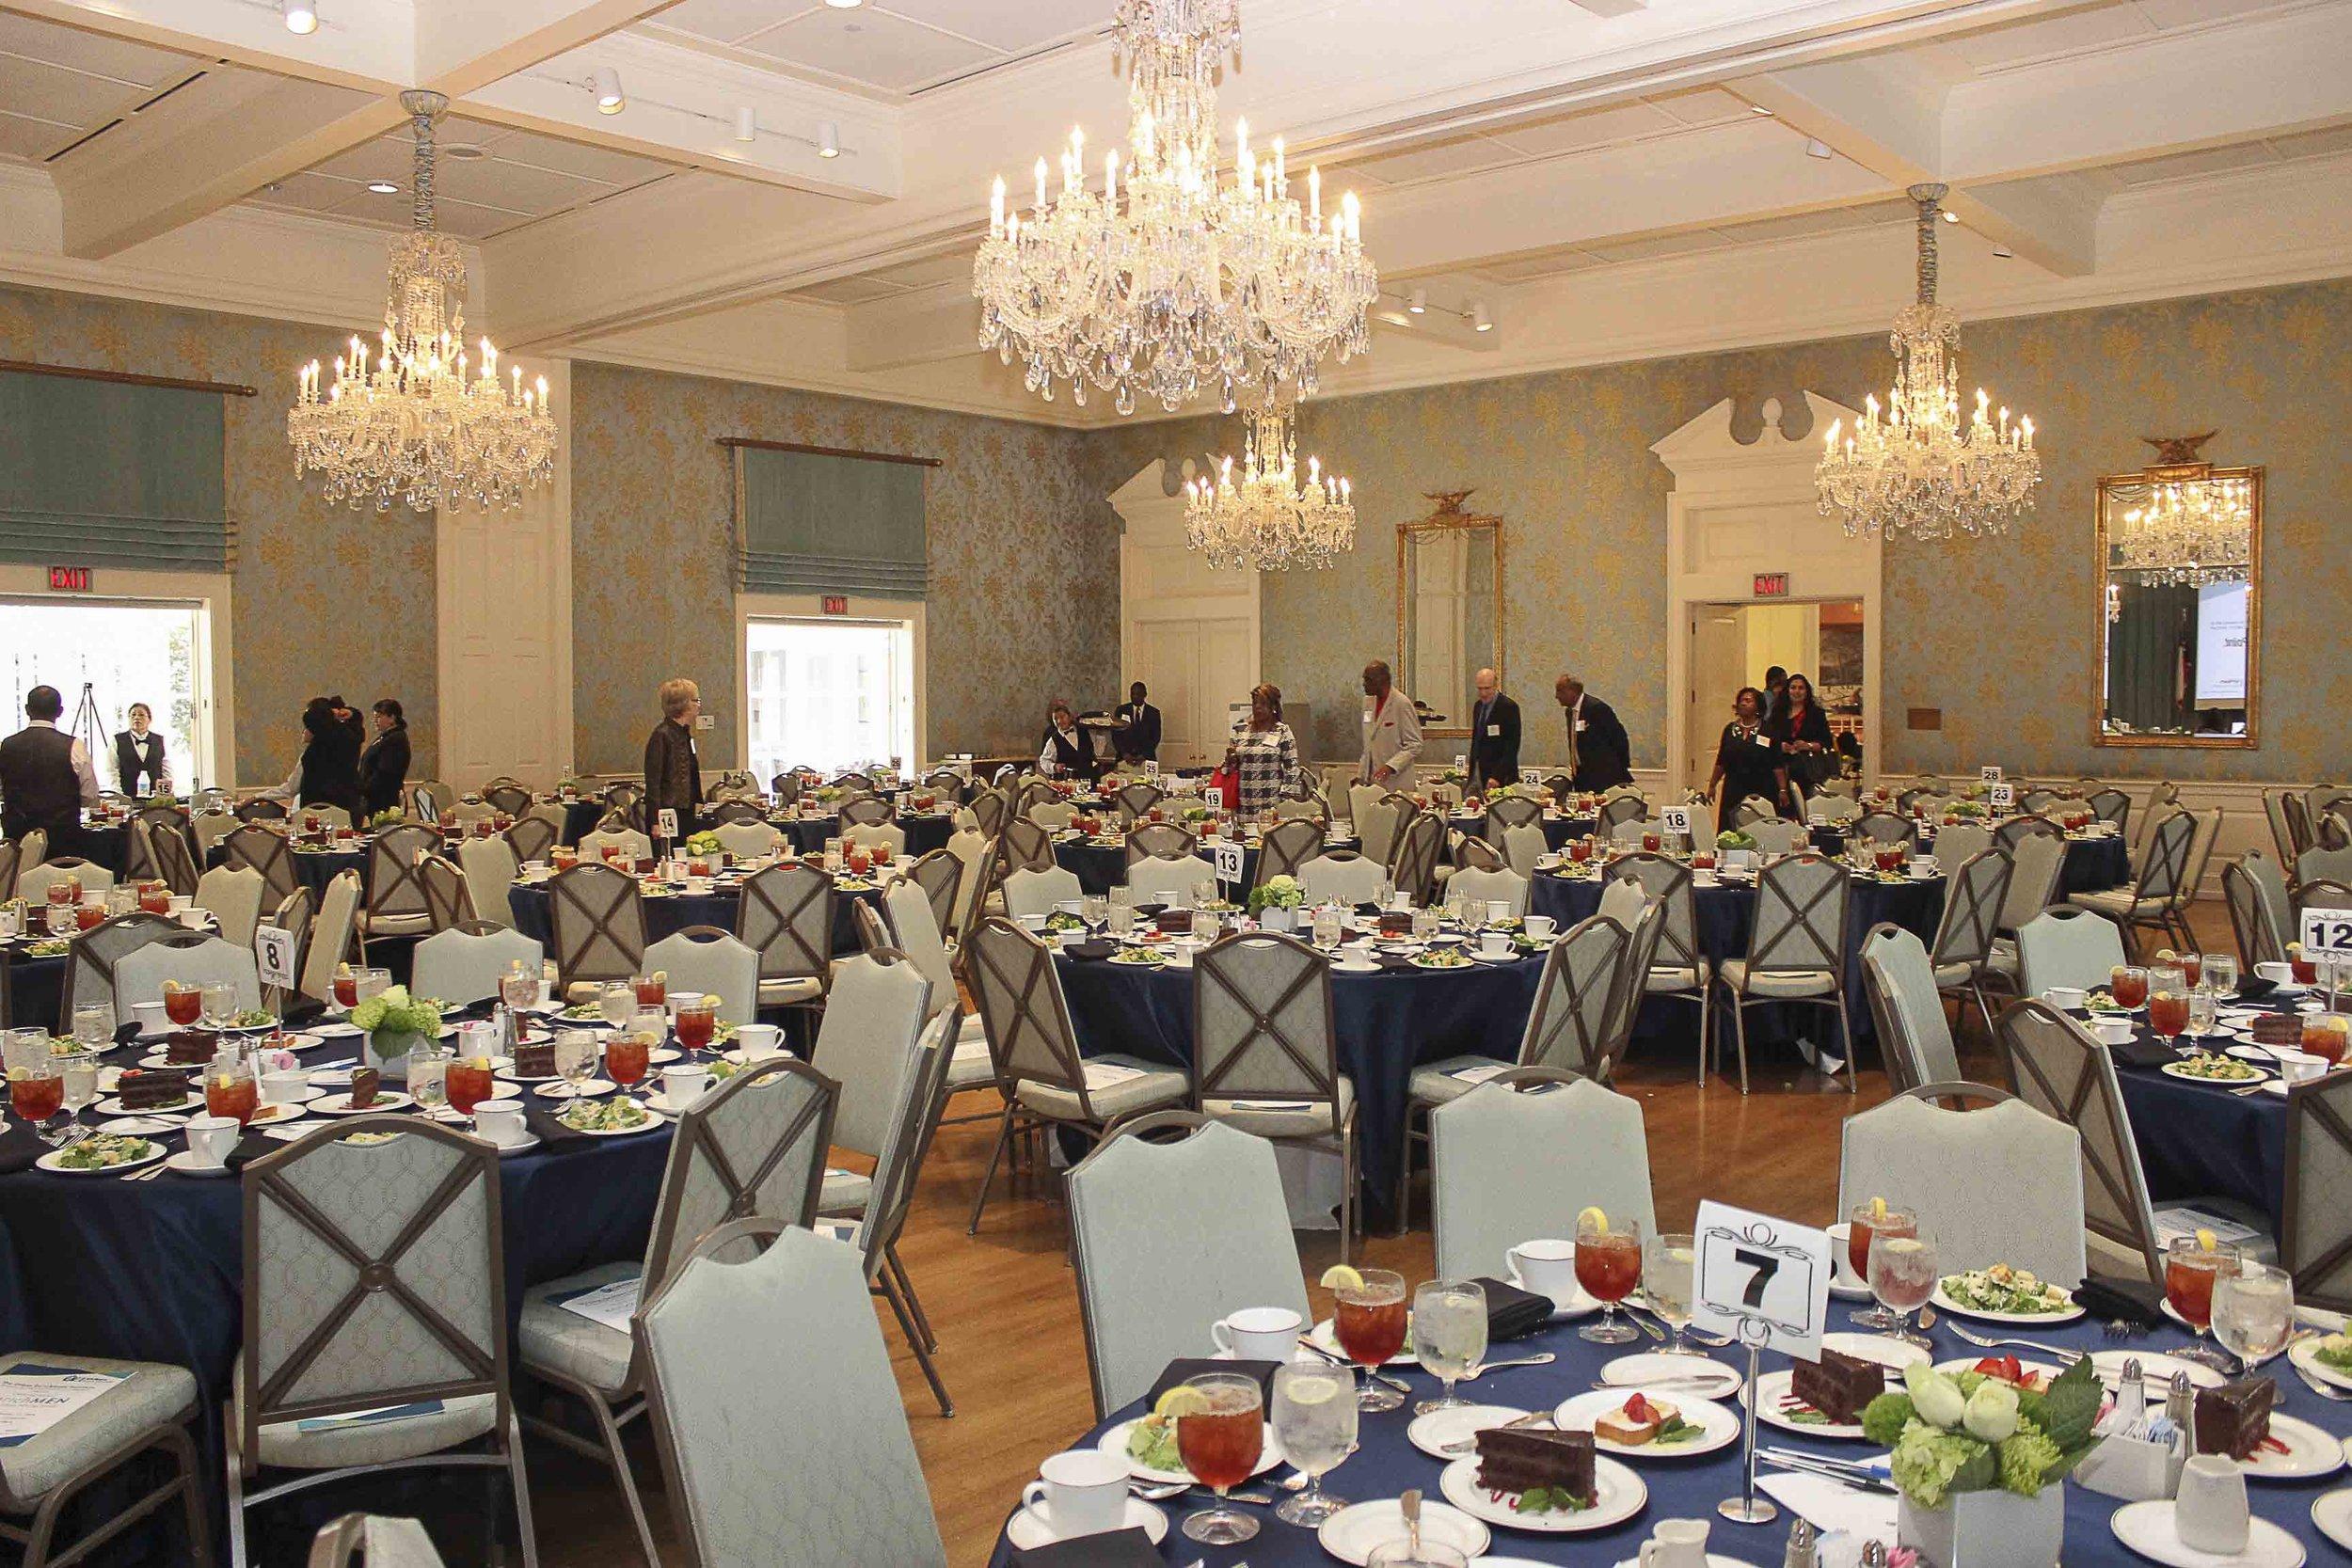 092118 UEI 17th Annual Luncheon LR171.jpg